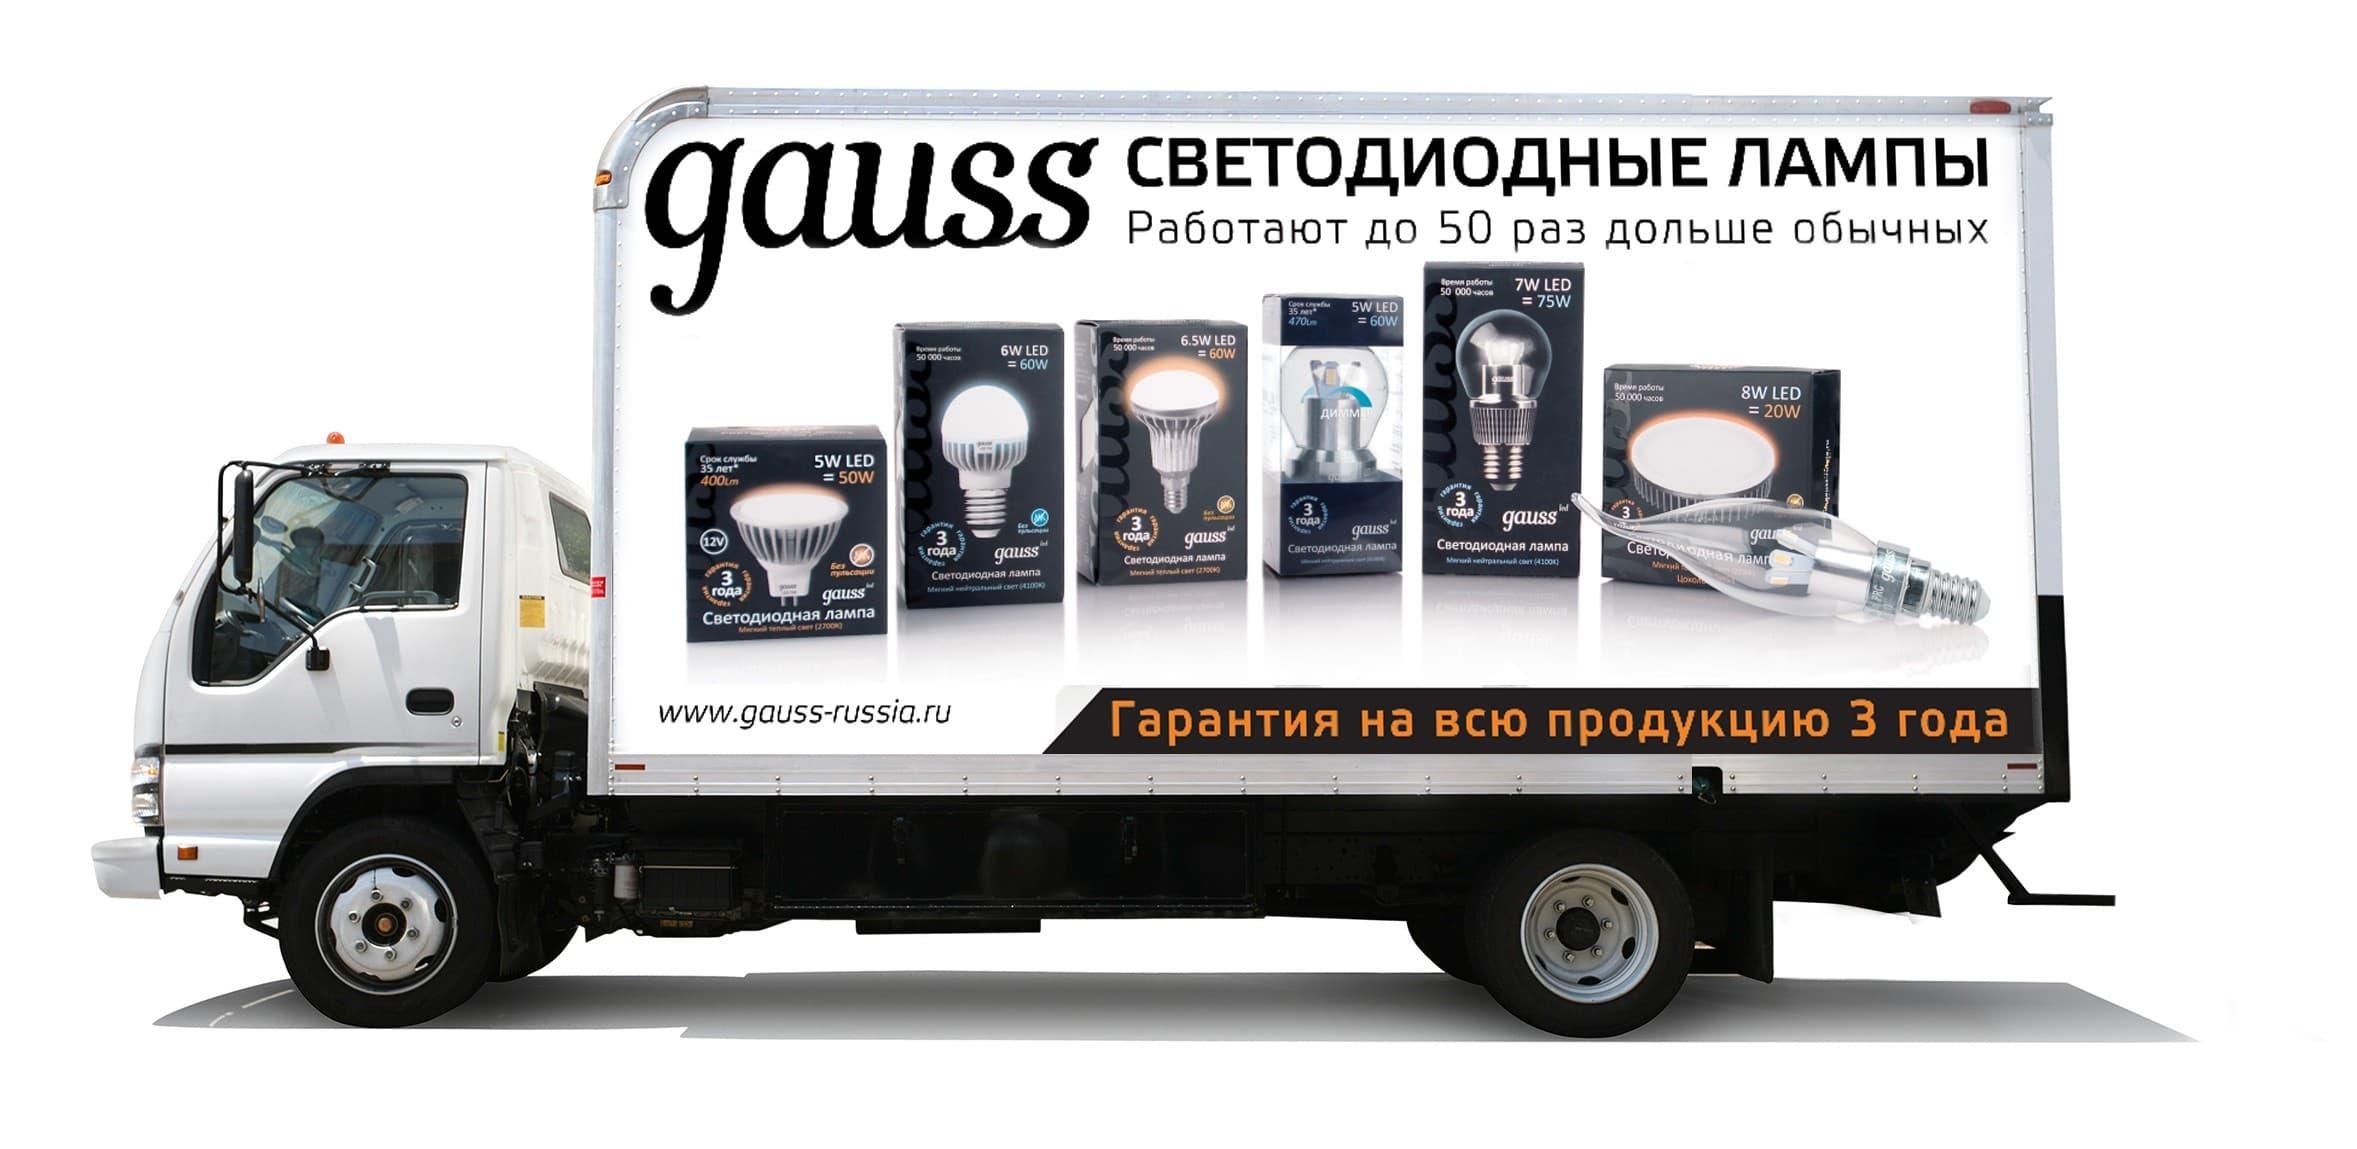 Gauss оптом в Москве